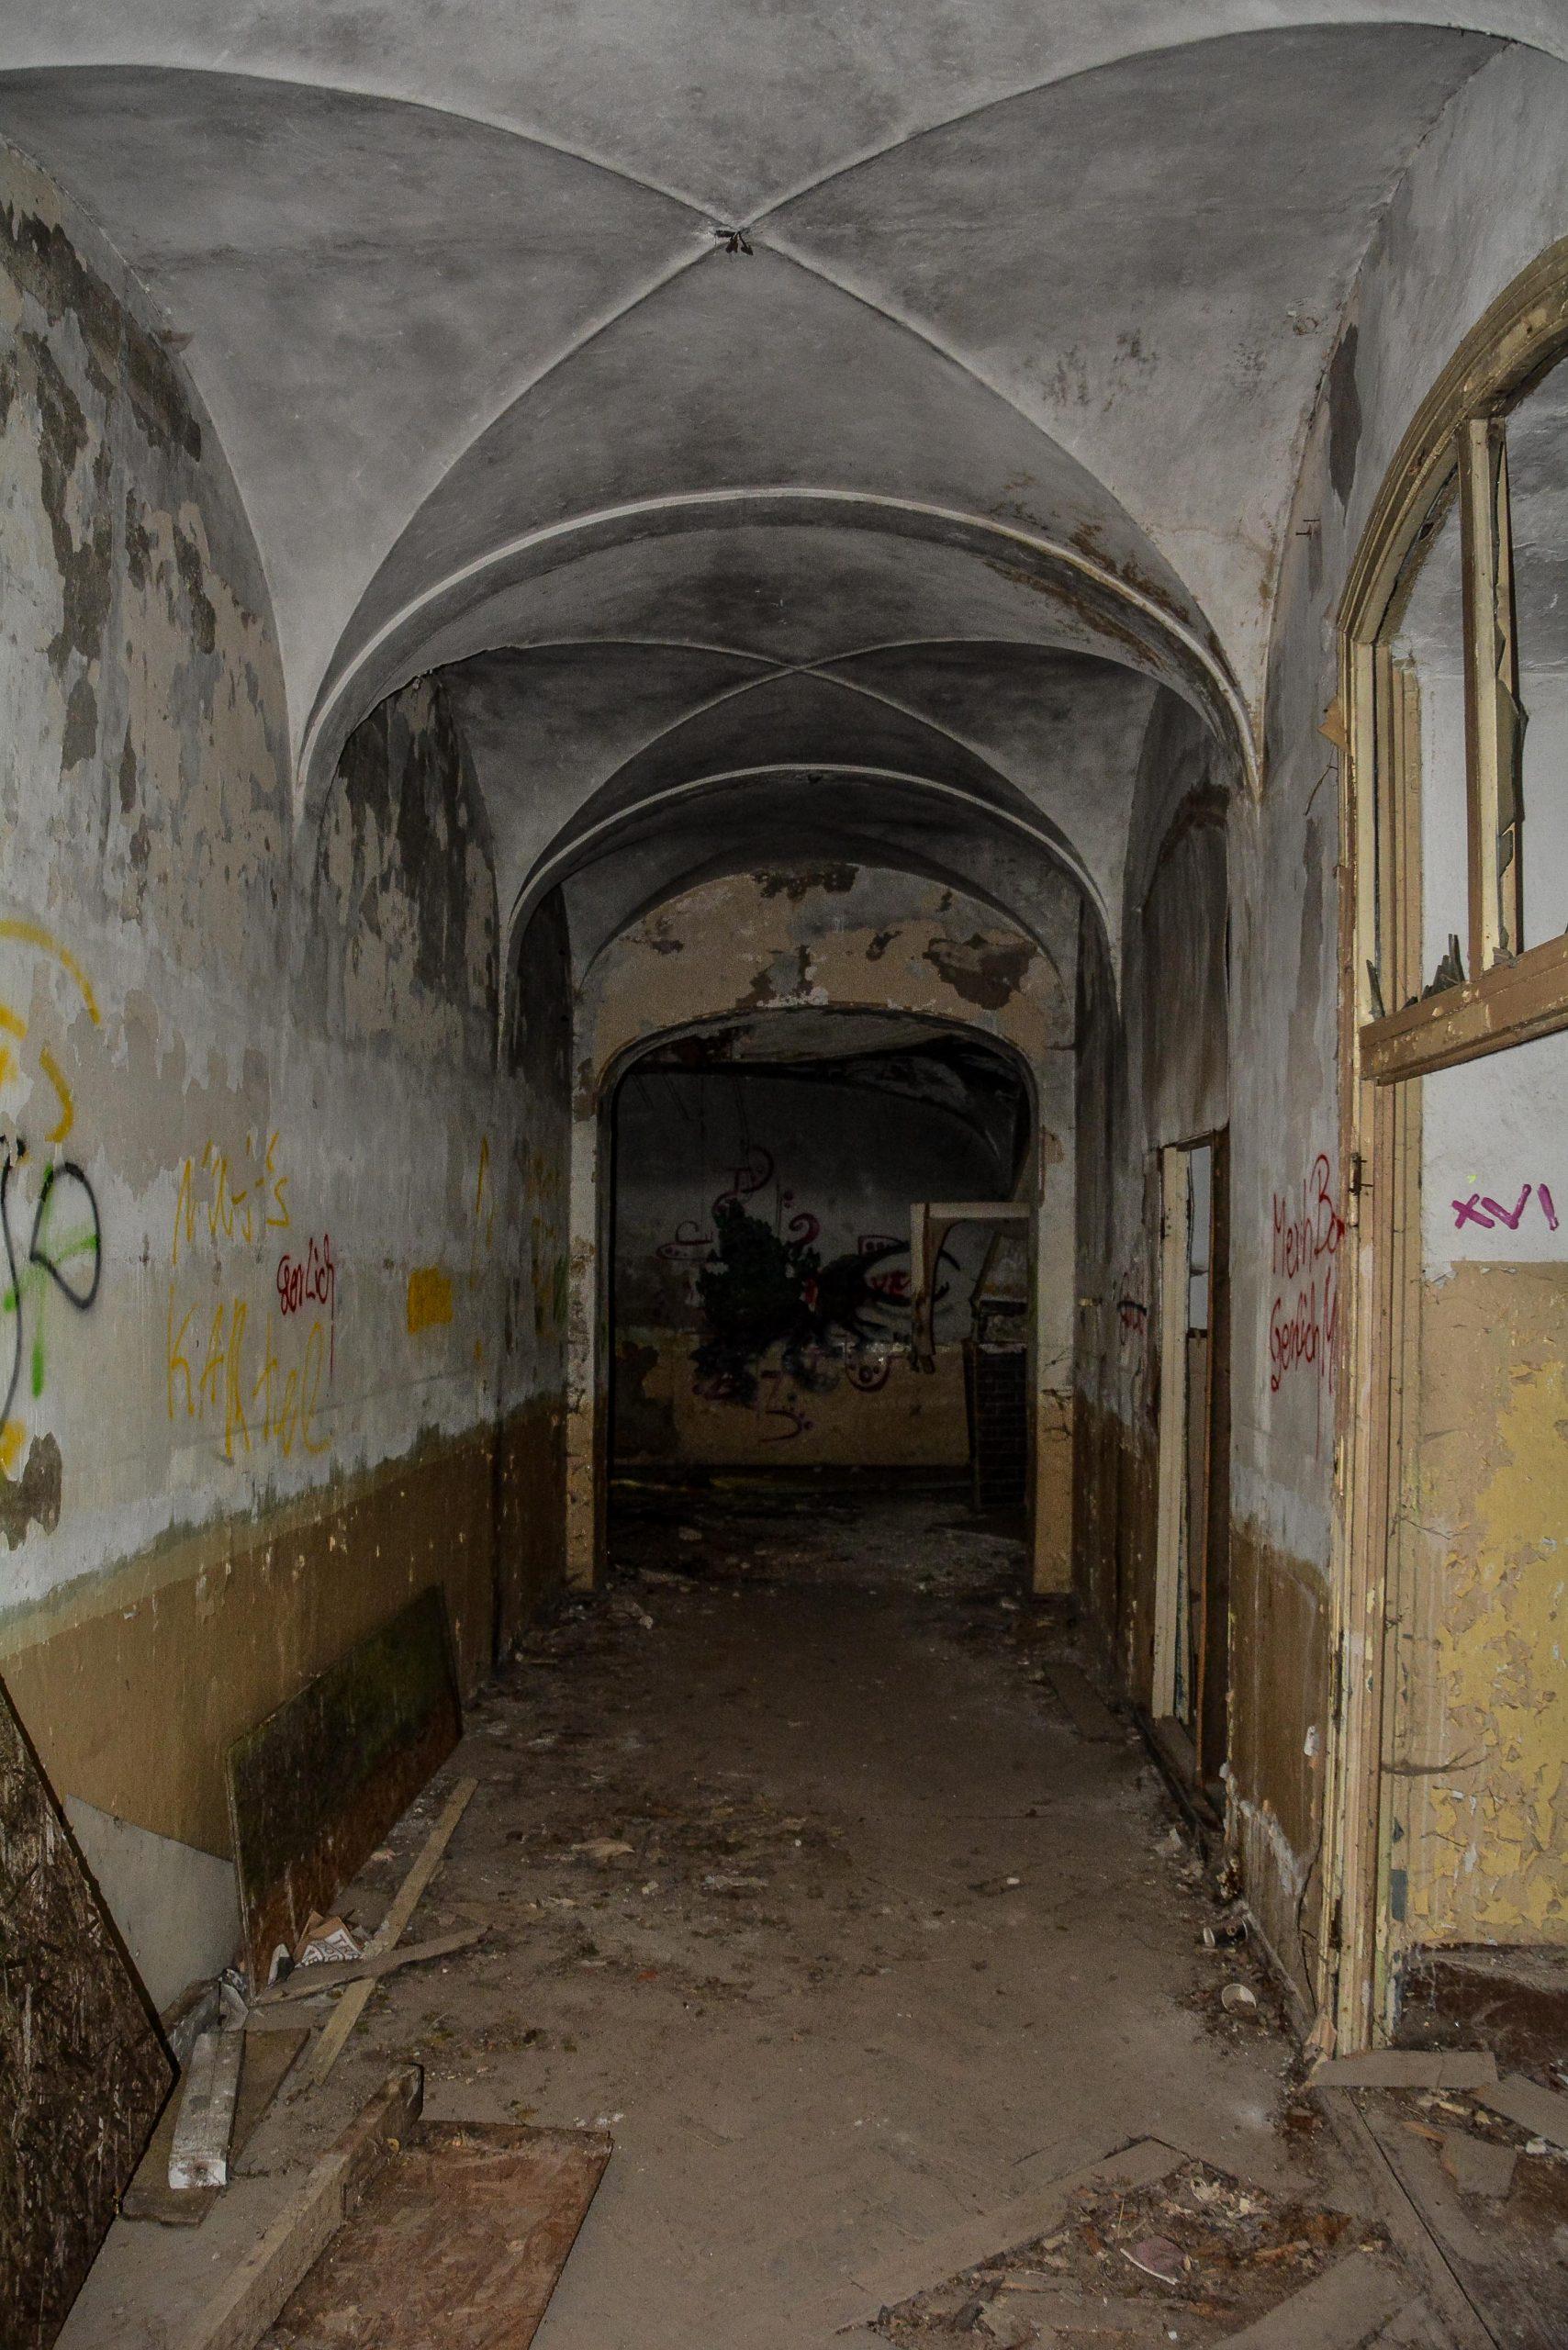 herrenhaus gentzrode gewoelbe lost places brandenburg neuruppin gut gentzrode ost deutschland urbex abandoned